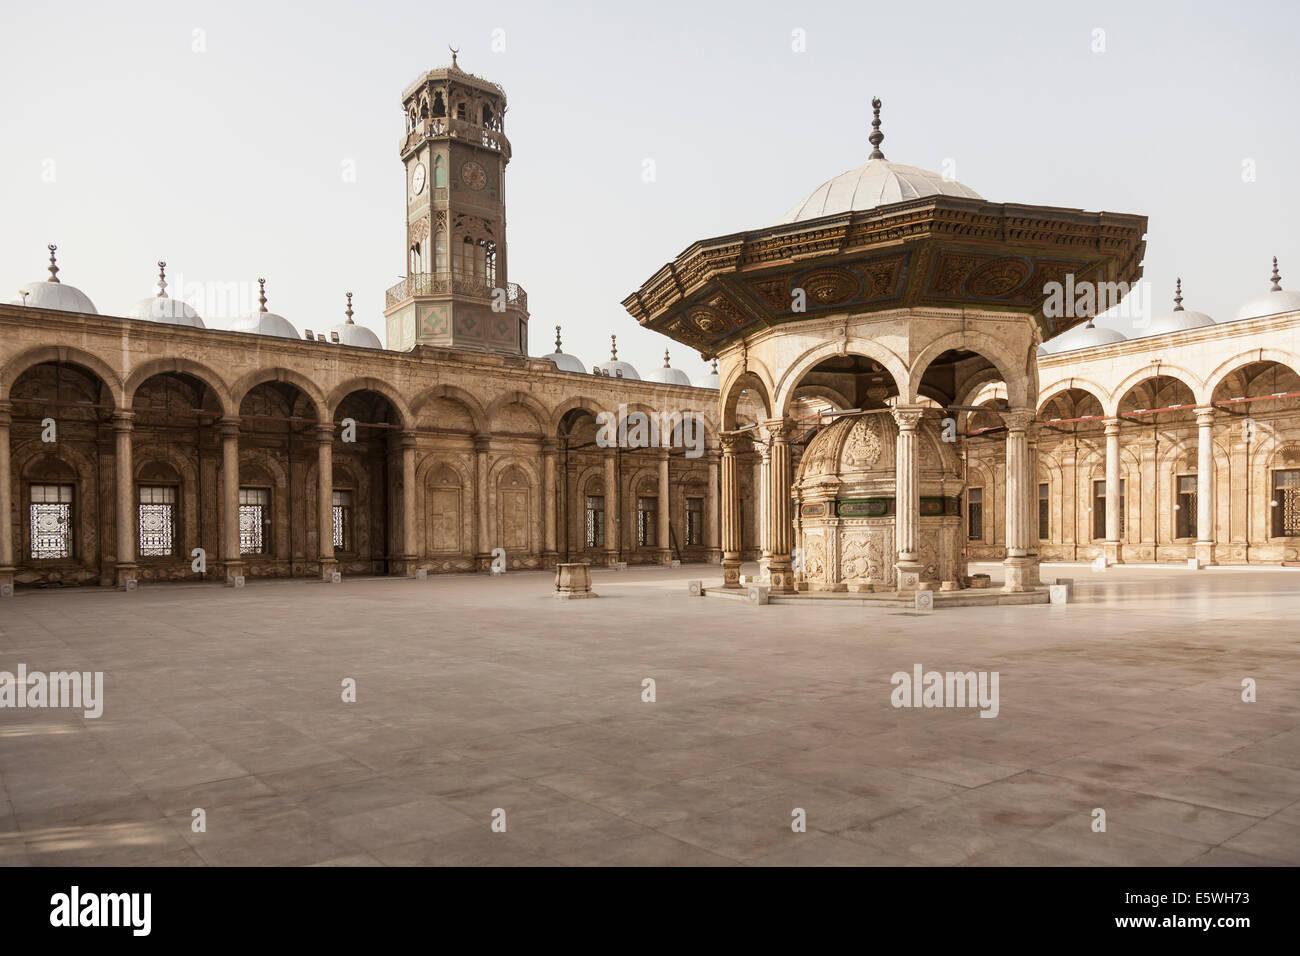 Cortile interno e la torre dell'orologio, la Moschea di alabastro / Moschea di Muhammad Ali Pasha nella Cittadella Immagini Stock